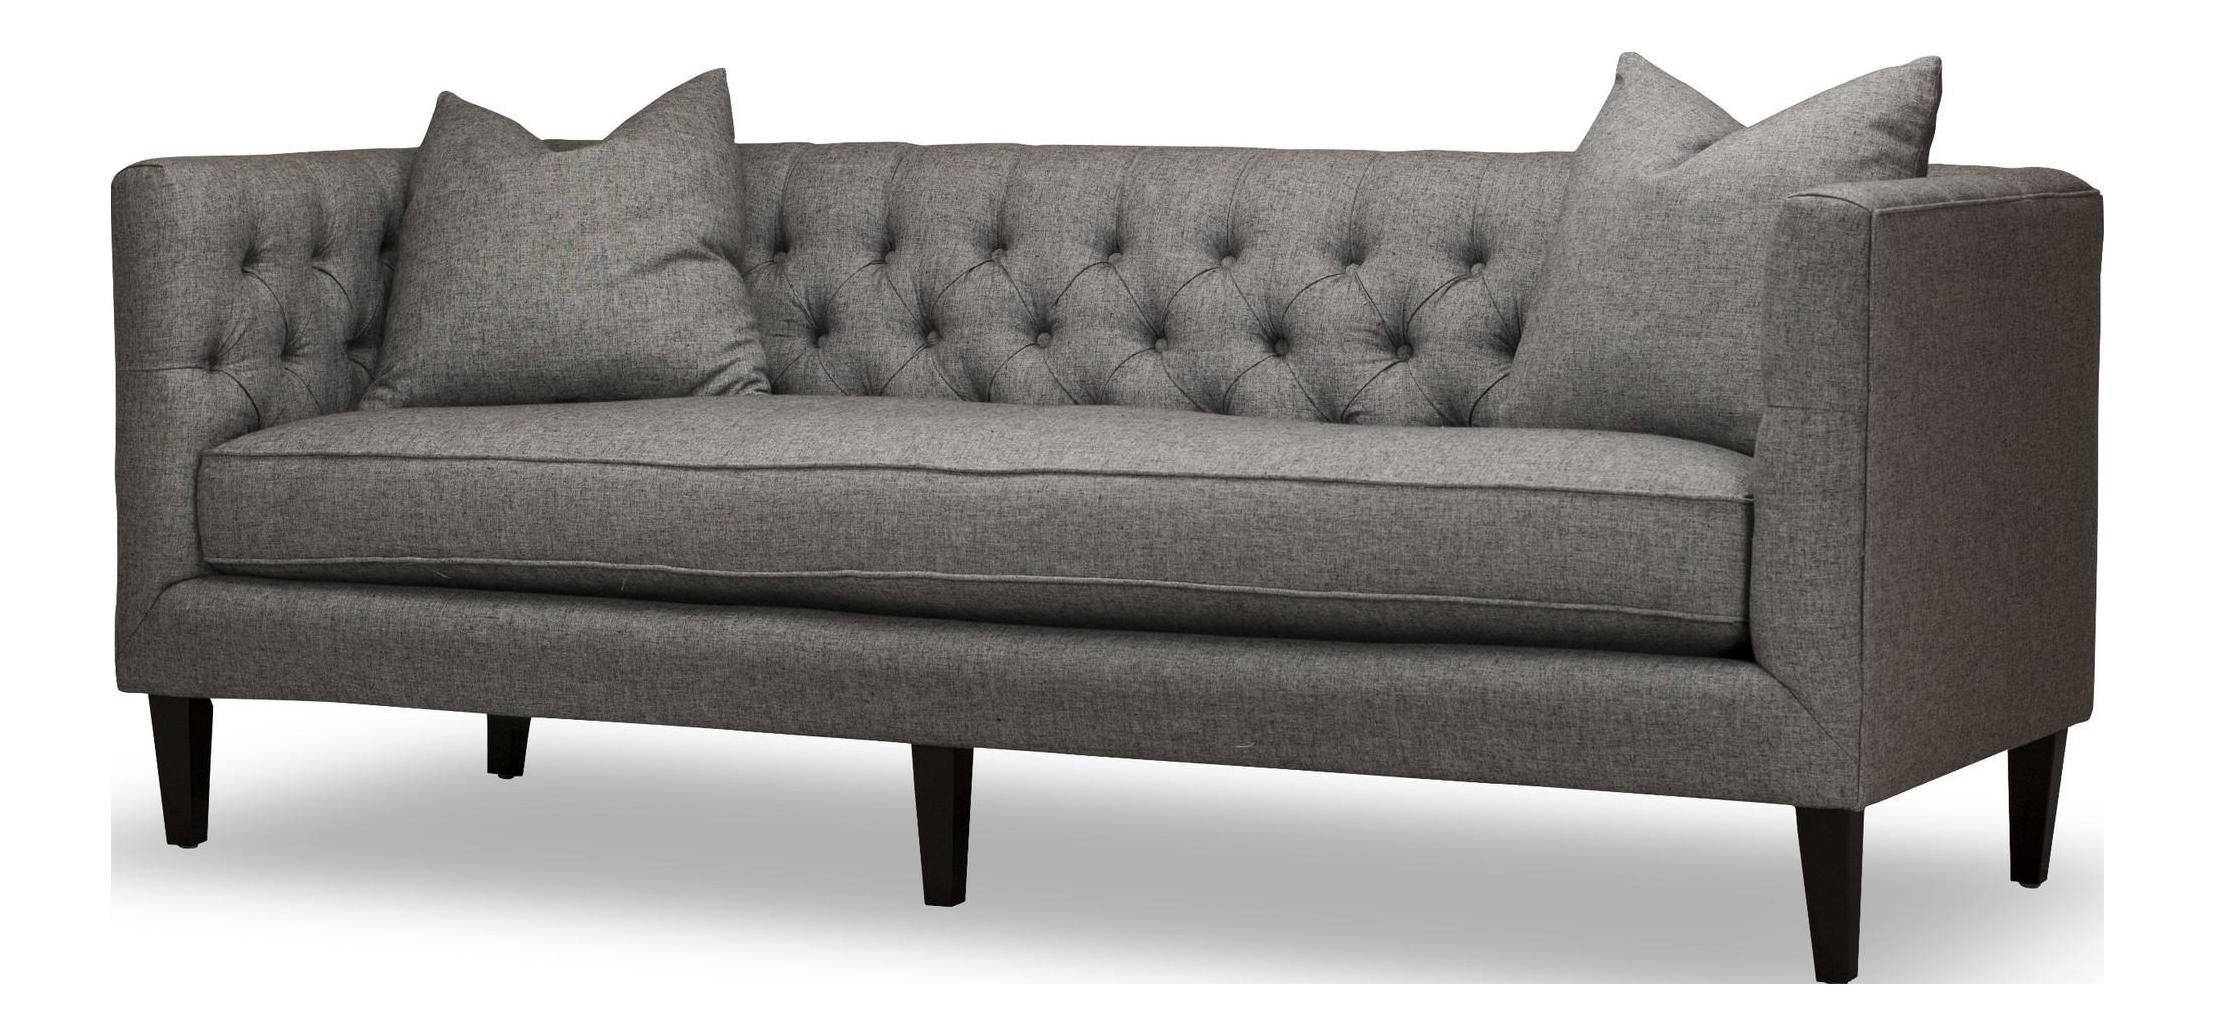 """Spectra Home Modern Dark Gray 84"""" Tuxedo Bench Seat Sofa"""